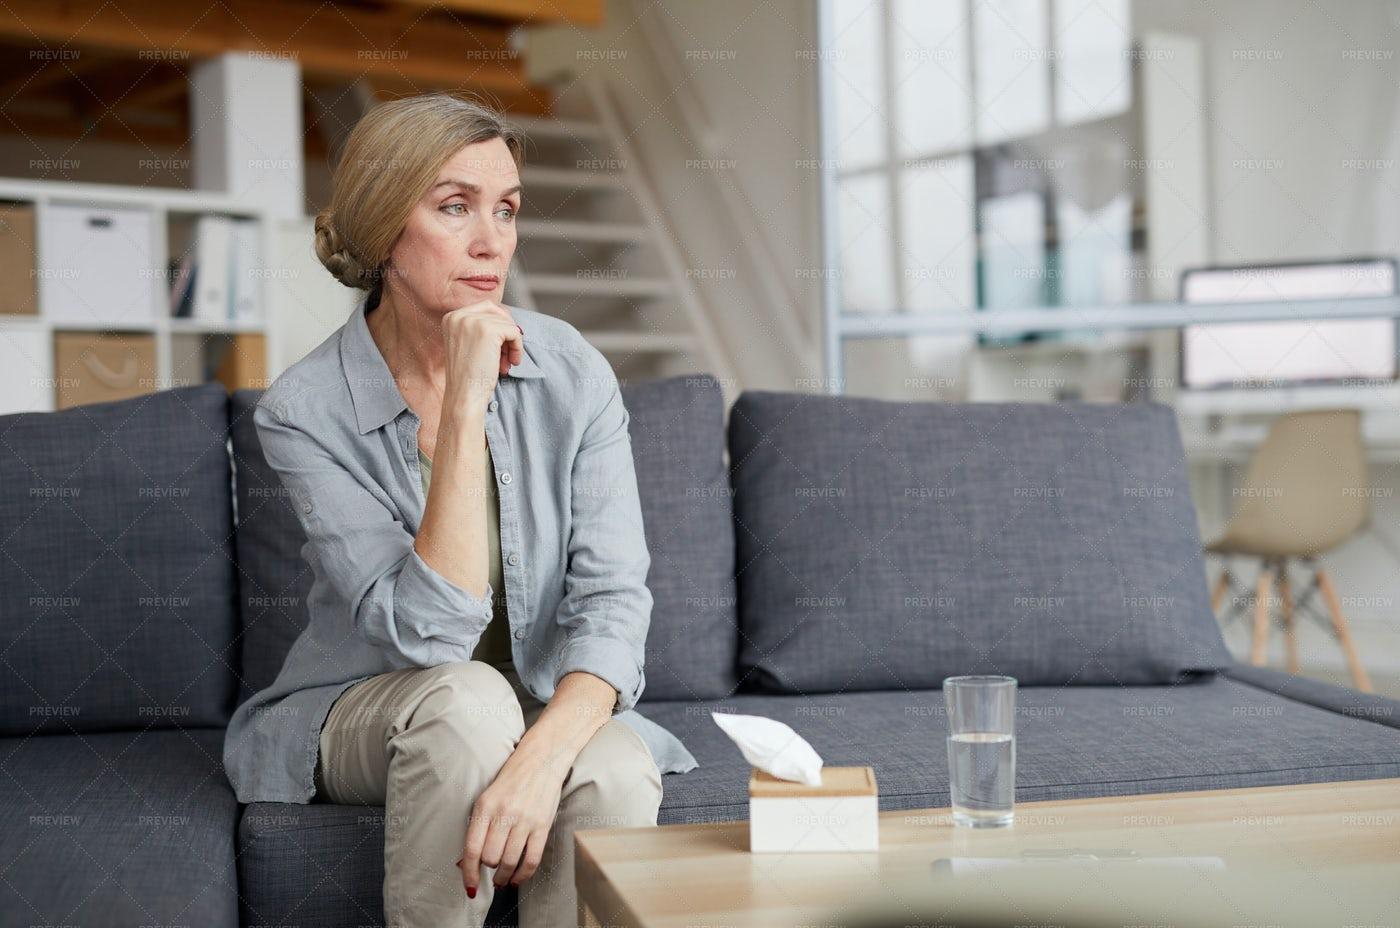 Pensive Mature Woman At Home: Stock Photos